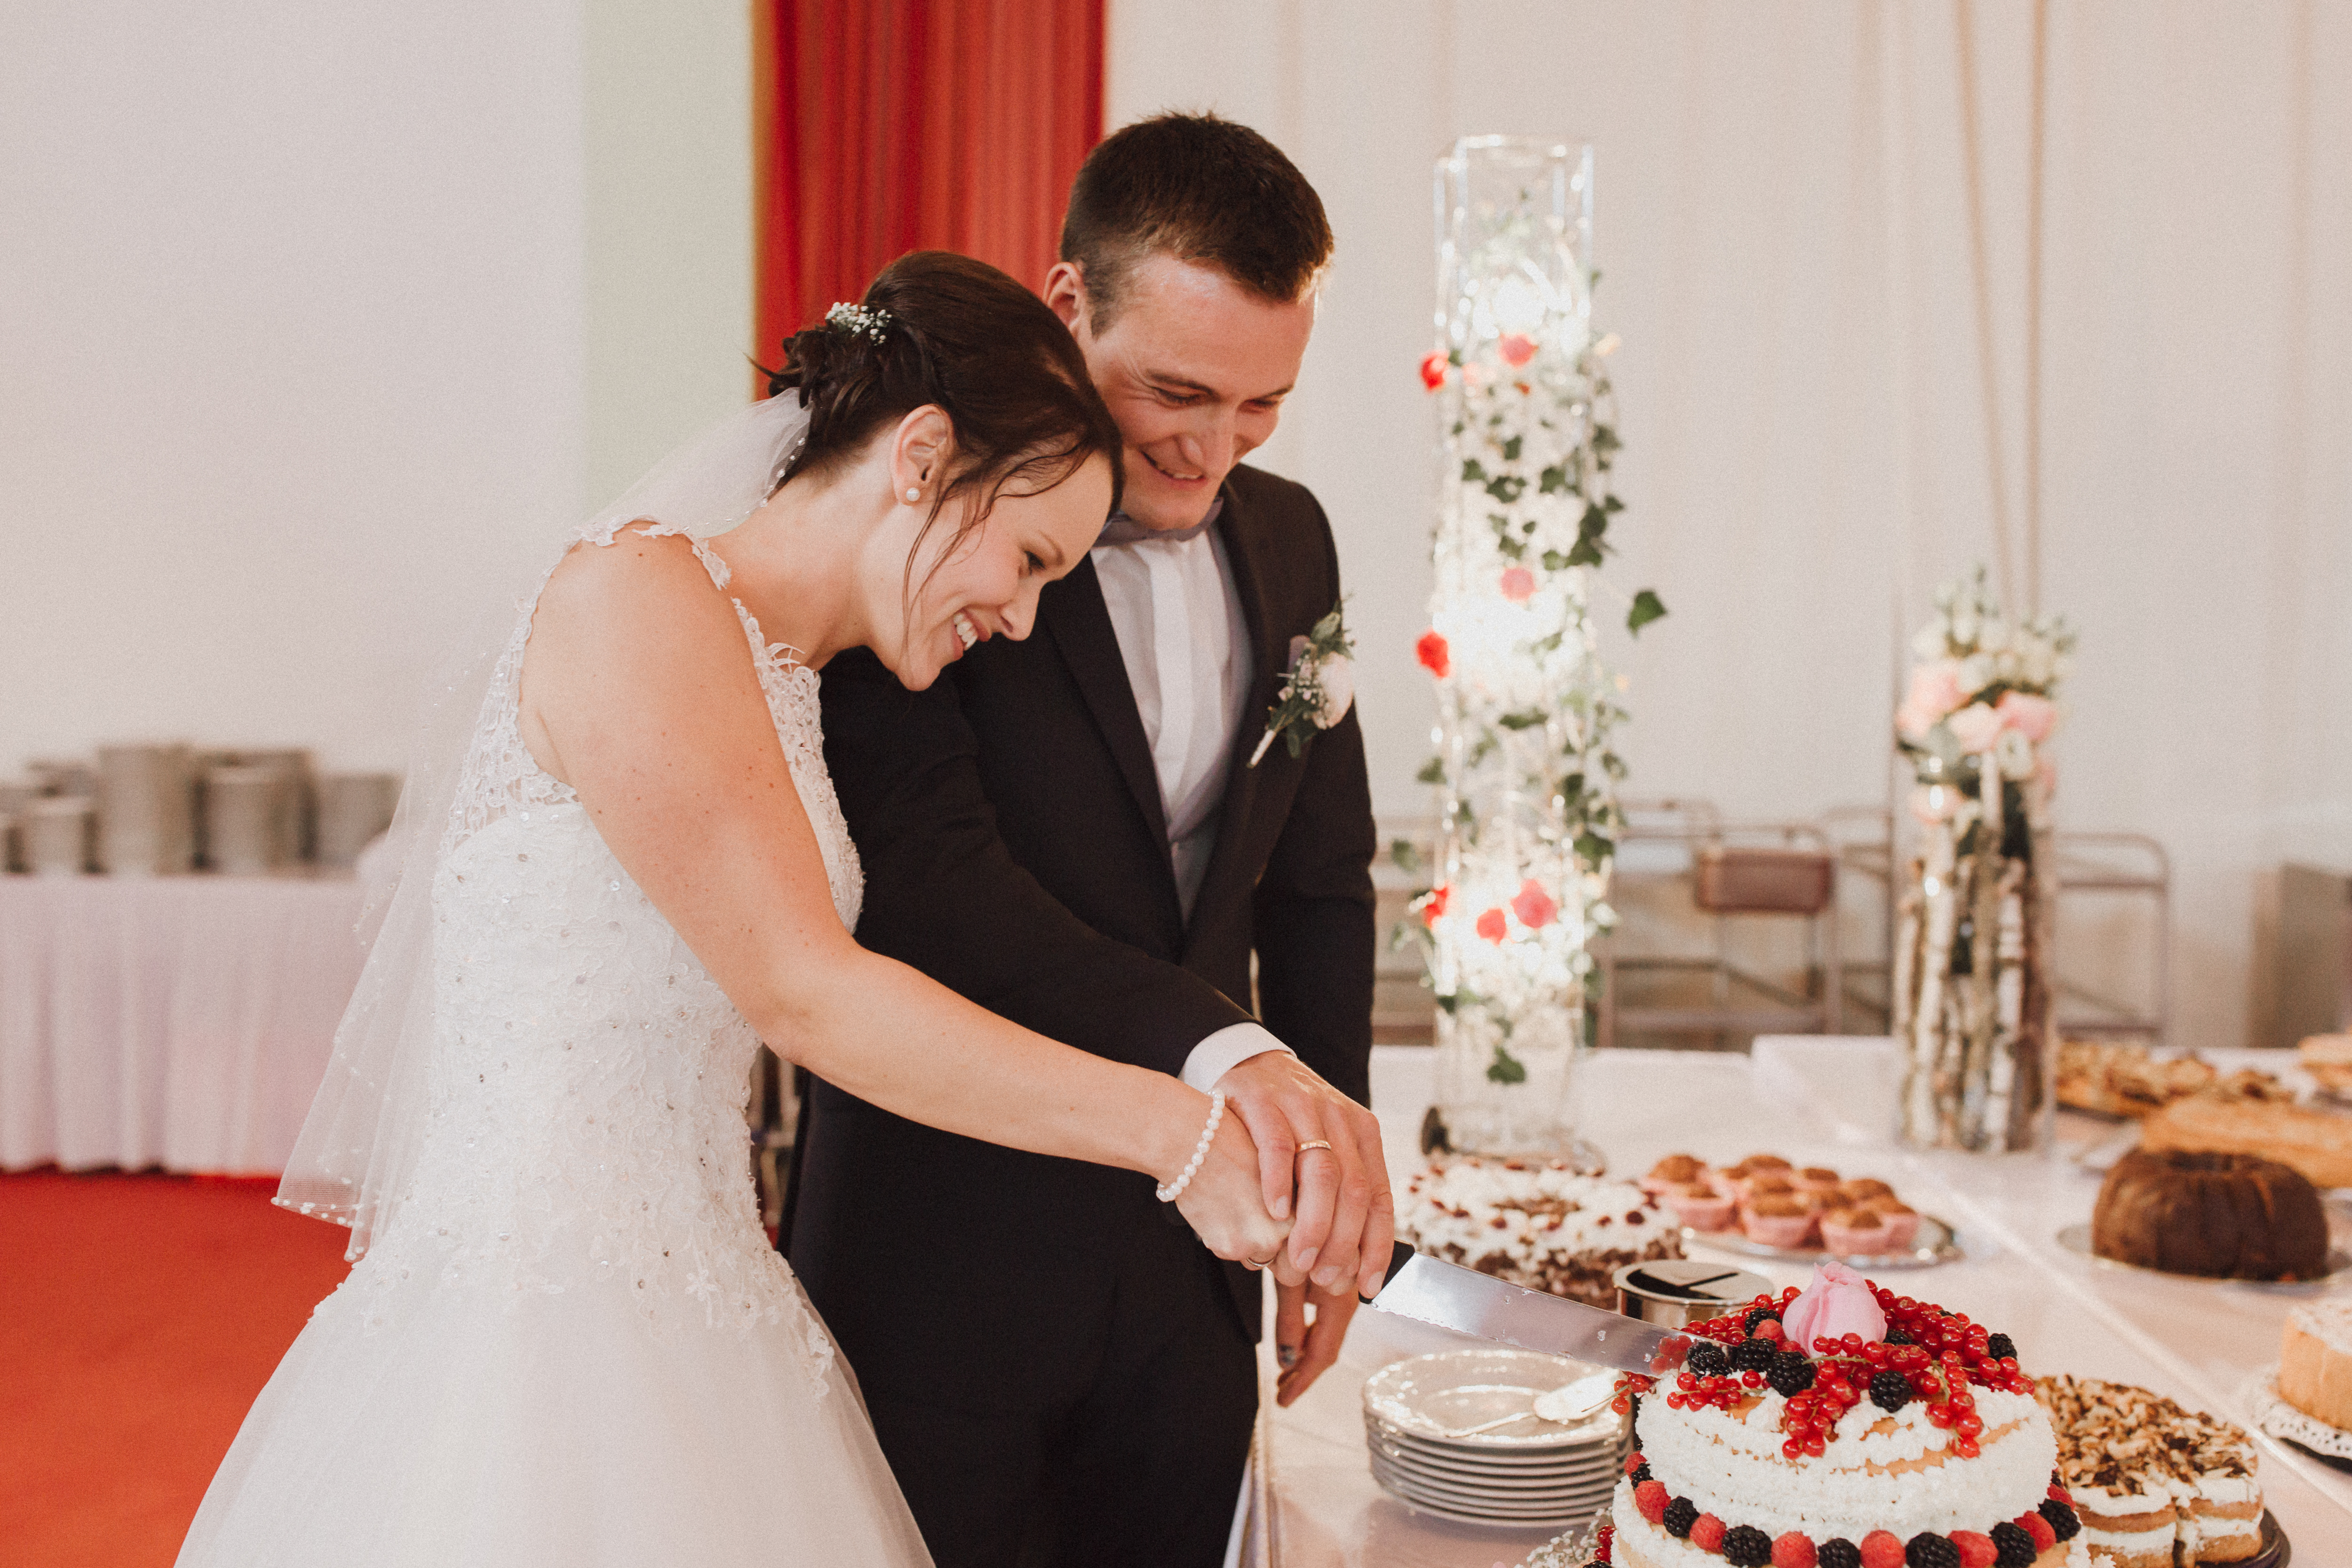 URBANERIE_Daniela_Goth_Hochzeitsfotografin_Nürnberg_Fürth_Erlangen_Schwabach_170909_0098